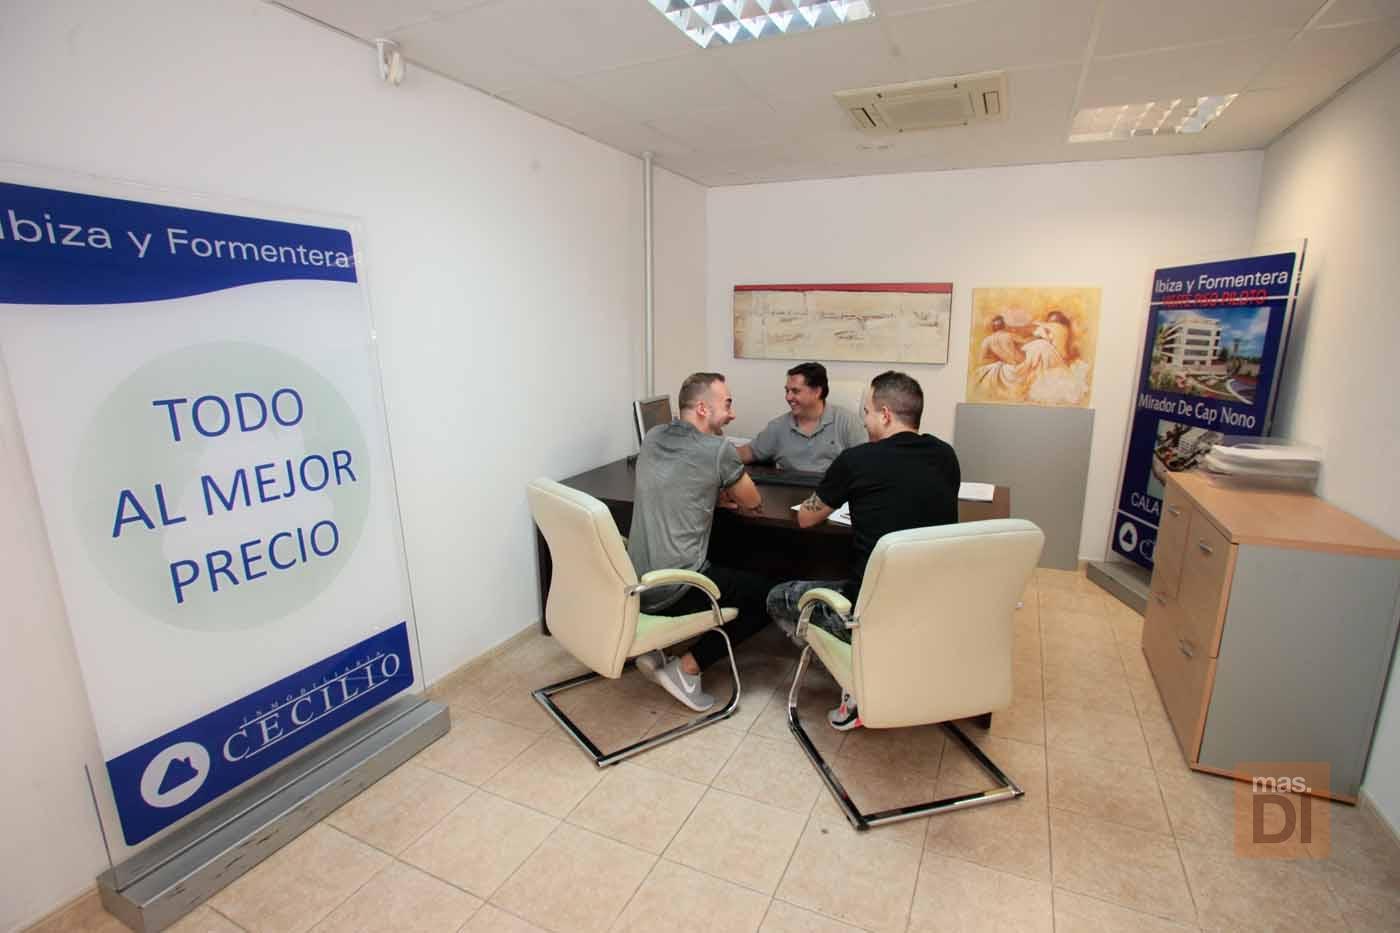 Inmobiliaria Cecilio: Atención personalizada en Ibiza y Formentera